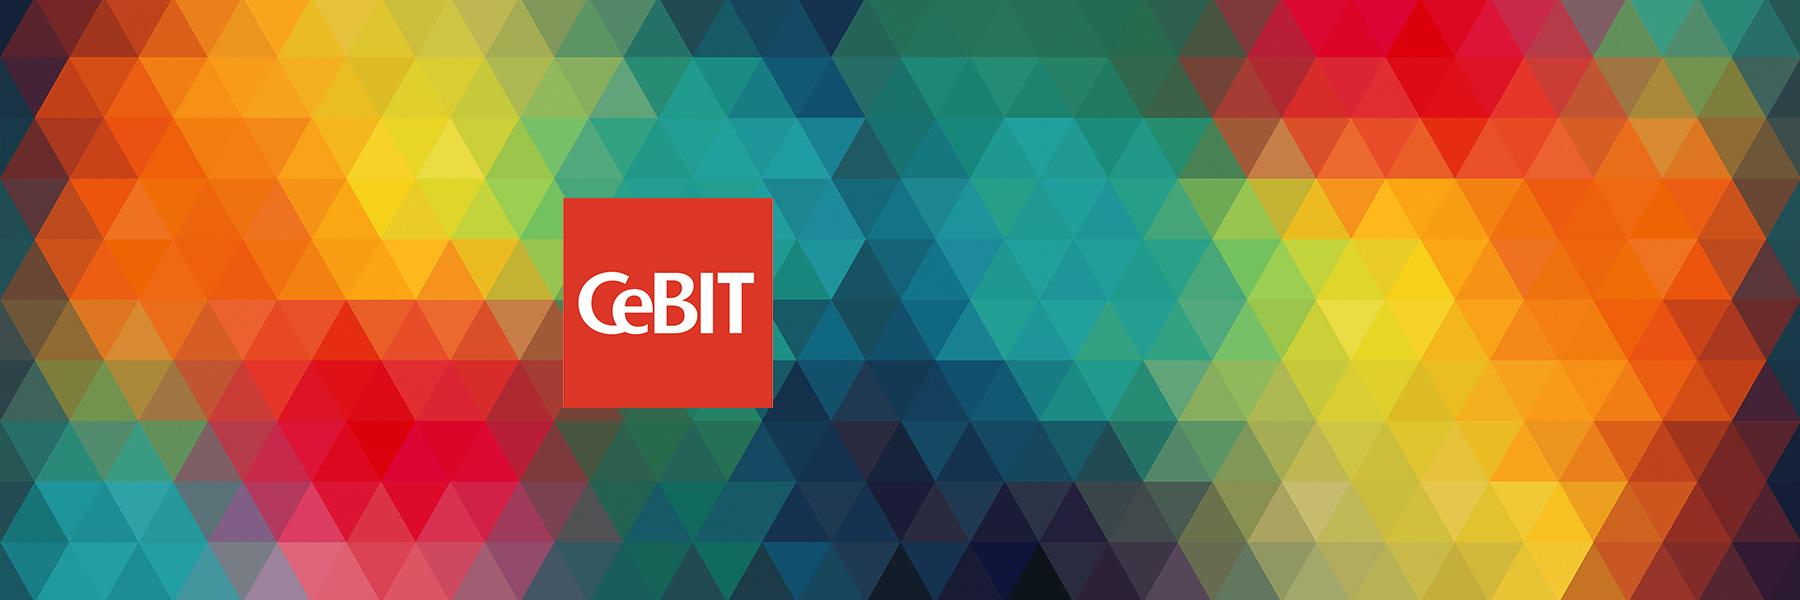 Titelbild der d.velop auf der CeBIT 2016